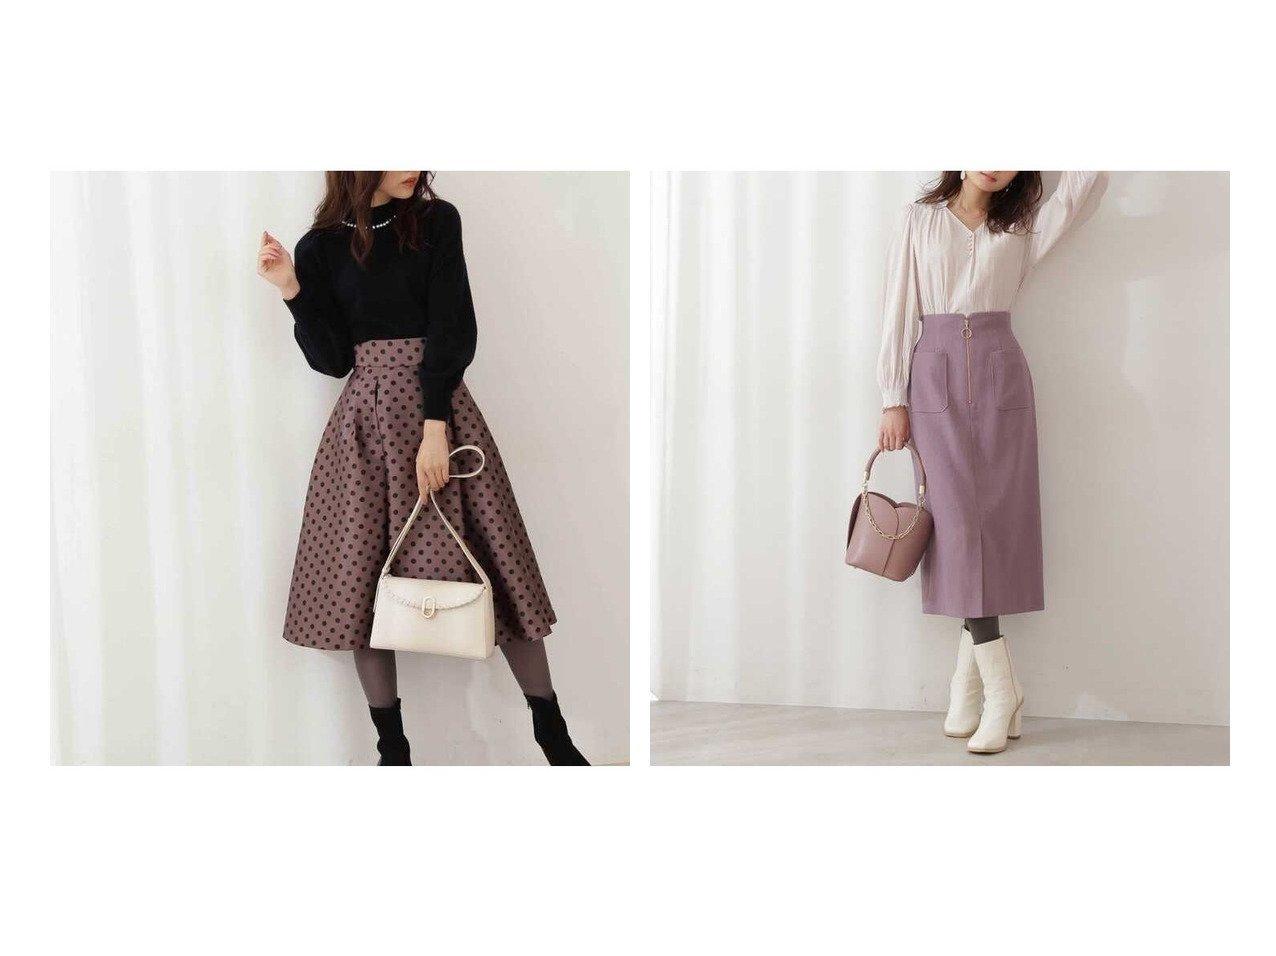 【PROPORTION BODY DRESSING/プロポーション ボディドレッシング】のフロントファスナーカルゼタイトスカート&ポルカドットタックフレアスカート 【スカート】おすすめ!人気、トレンド・レディースファッションの通販 おすすめで人気の流行・トレンド、ファッションの通販商品 インテリア・家具・メンズファッション・キッズファッション・レディースファッション・服の通販 founy(ファニー) https://founy.com/ ファッション Fashion レディースファッション WOMEN スカート Skirt Aライン/フレアスカート Flared A-Line Skirts おすすめ Recommend ウォーム ショート タイトスカート フロント ポケット  ID:crp329100000074890